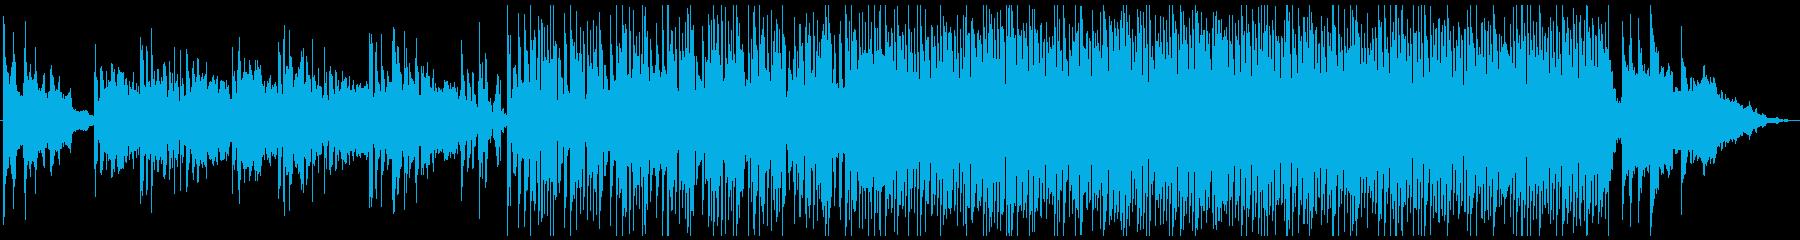 「春霞」をイメージした幻想的で淡い曲の再生済みの波形